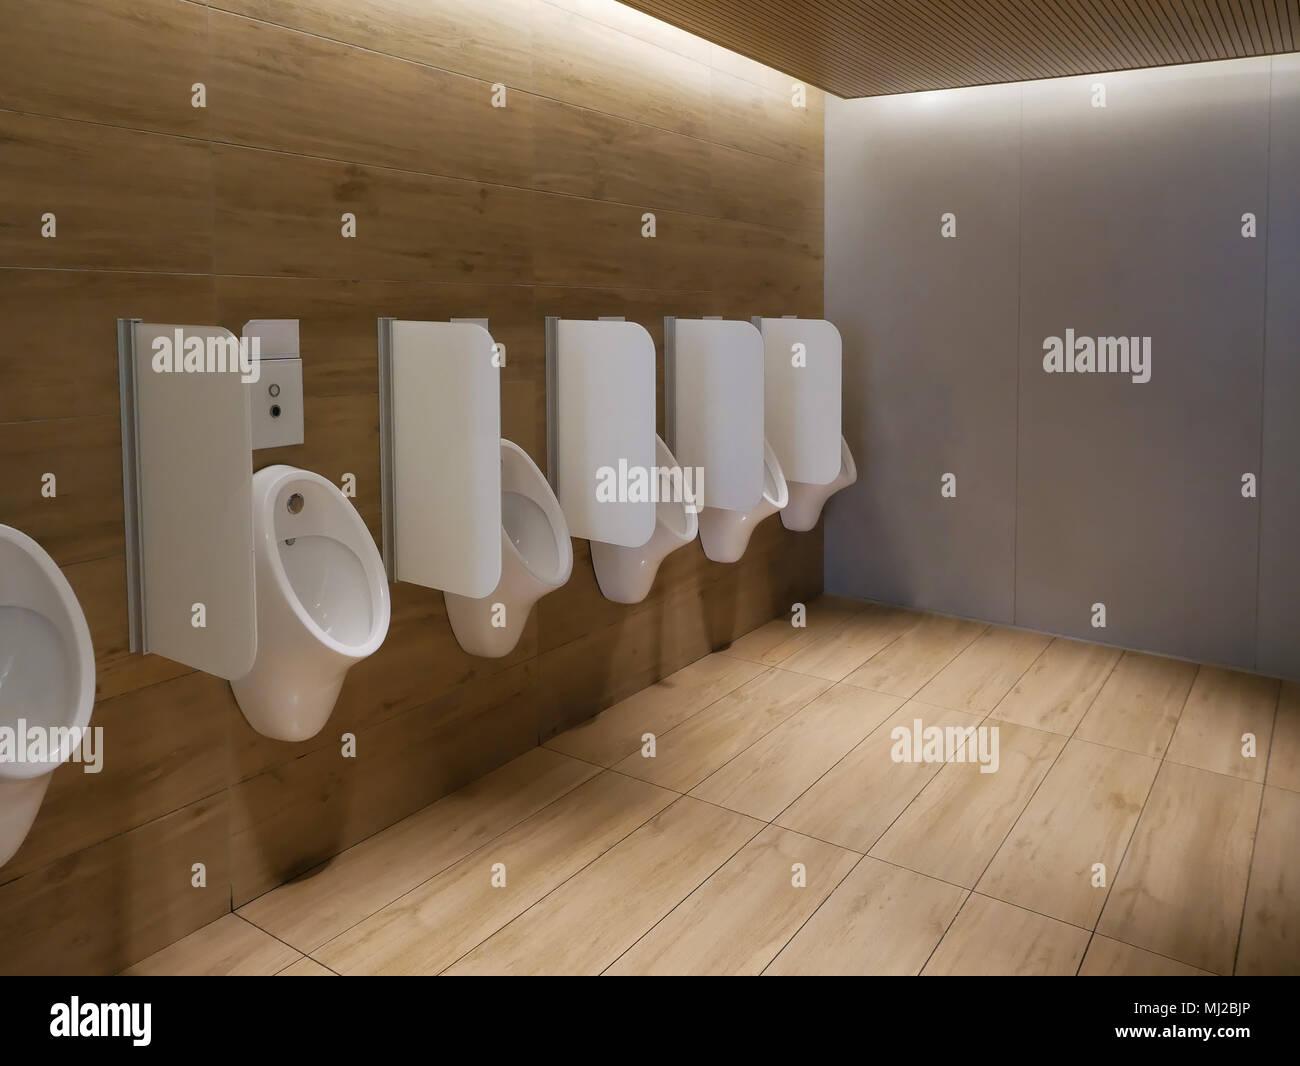 Öffentliche, saubere, moderne Männer wc Toilette mit urinale ...